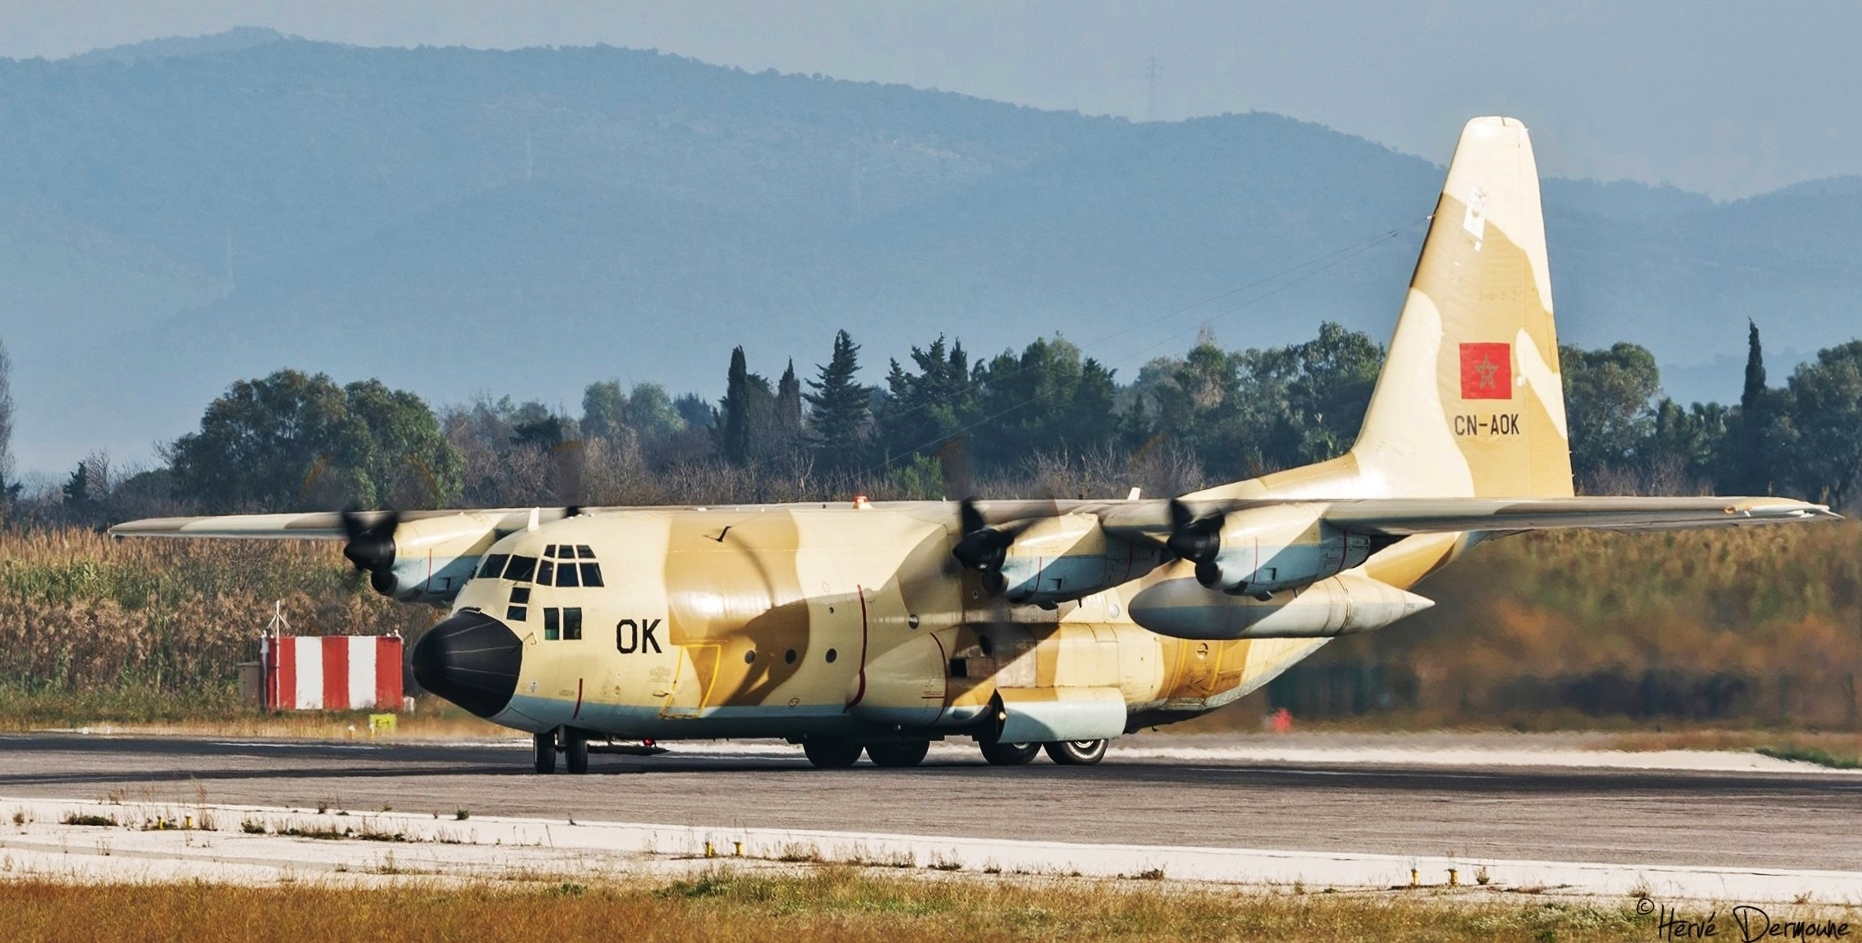 FRA: Photos d'avions de transport - Page 36 45510609844_b62b5fd2ca_o